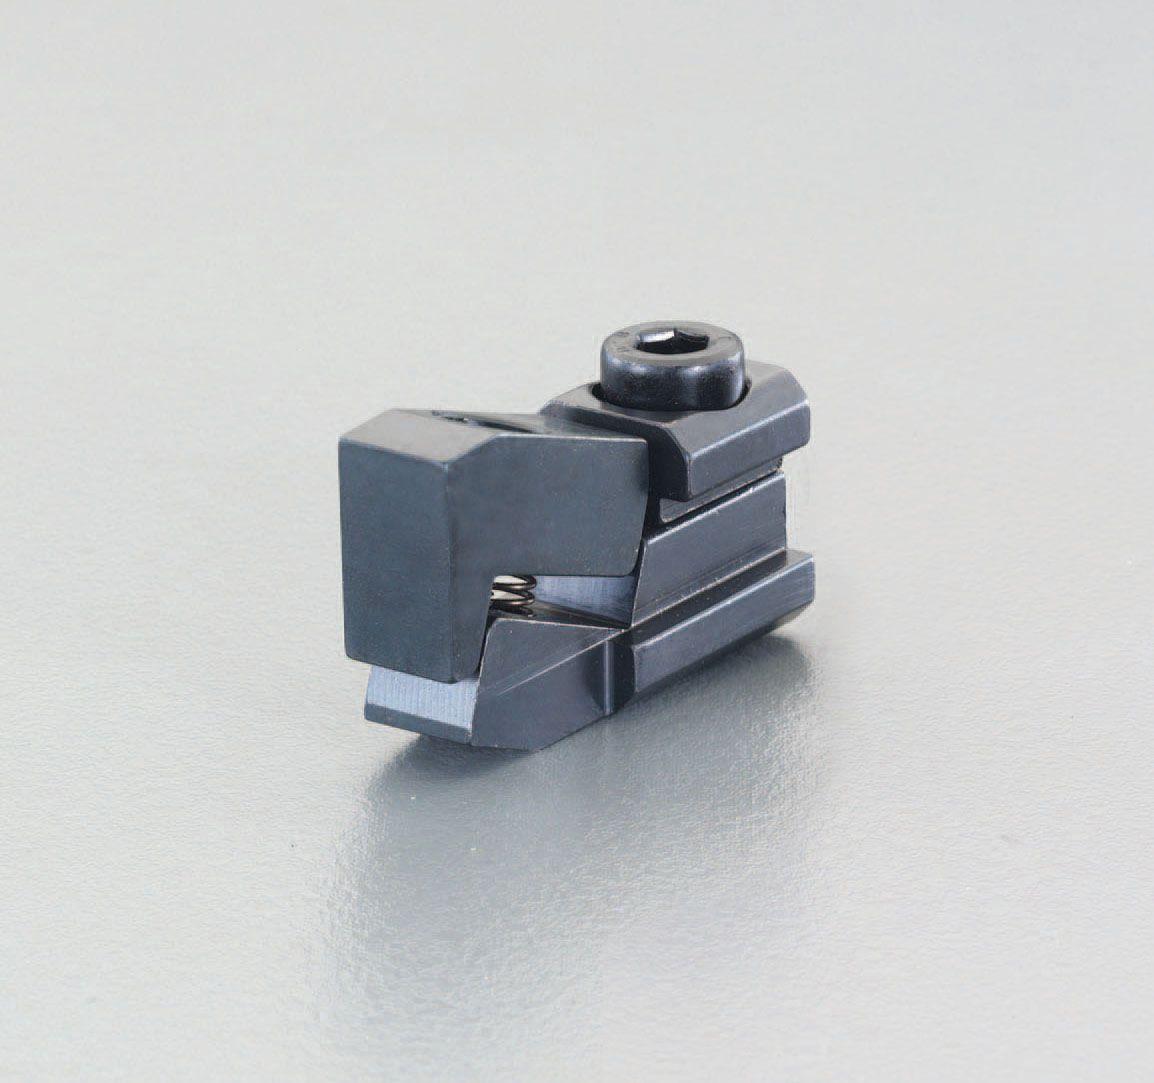 【メーカー在庫あり】 エスコ ESCO 呼16/2.5-17.0mm プルダウンクランプ 2個 000012210047 HD店